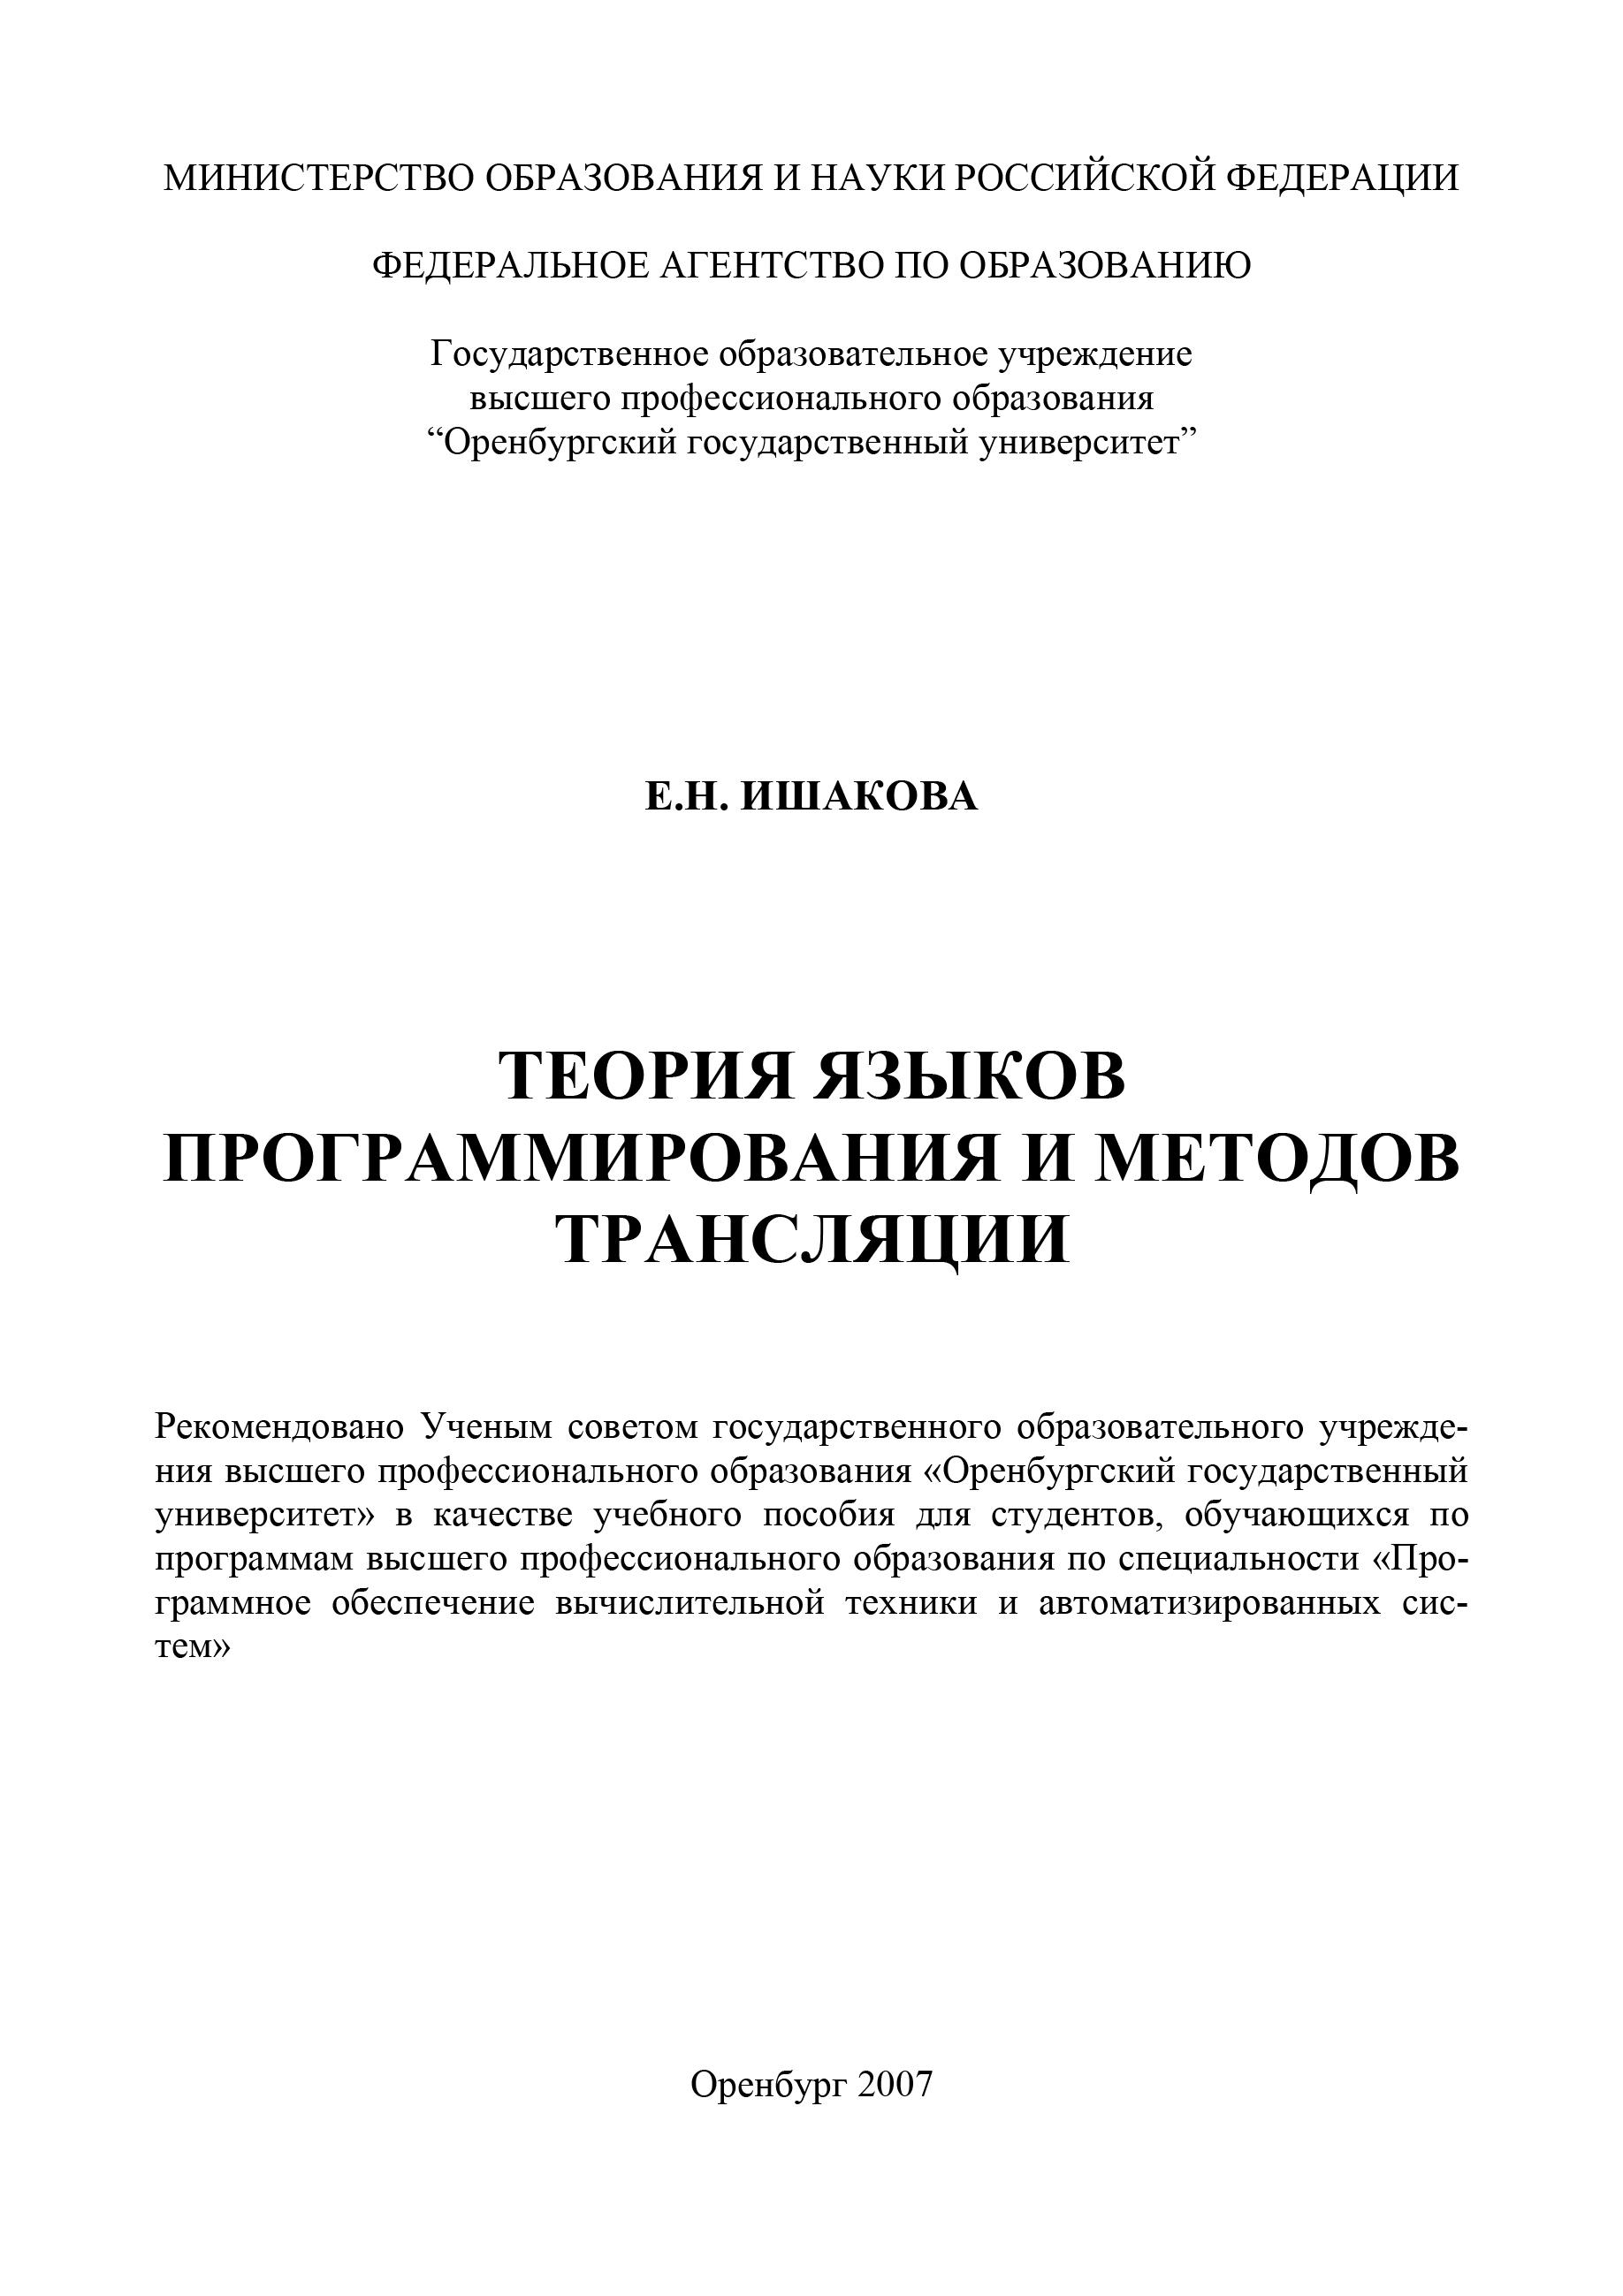 Теория языков программирования и методов трансляции